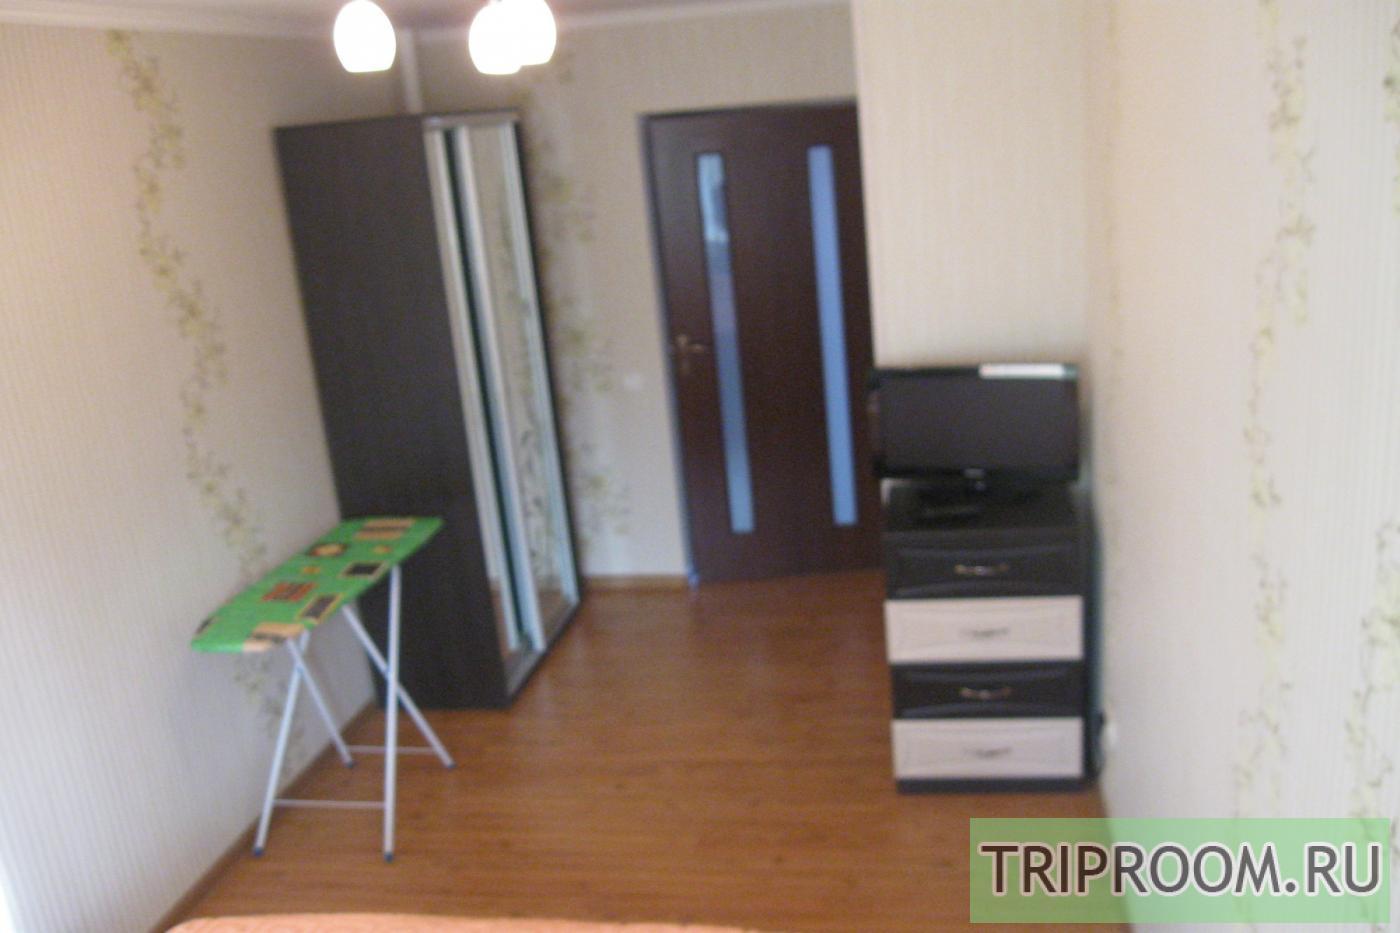 2-комнатная квартира посуточно (вариант № 20528), ул. Московская улица, фото № 5